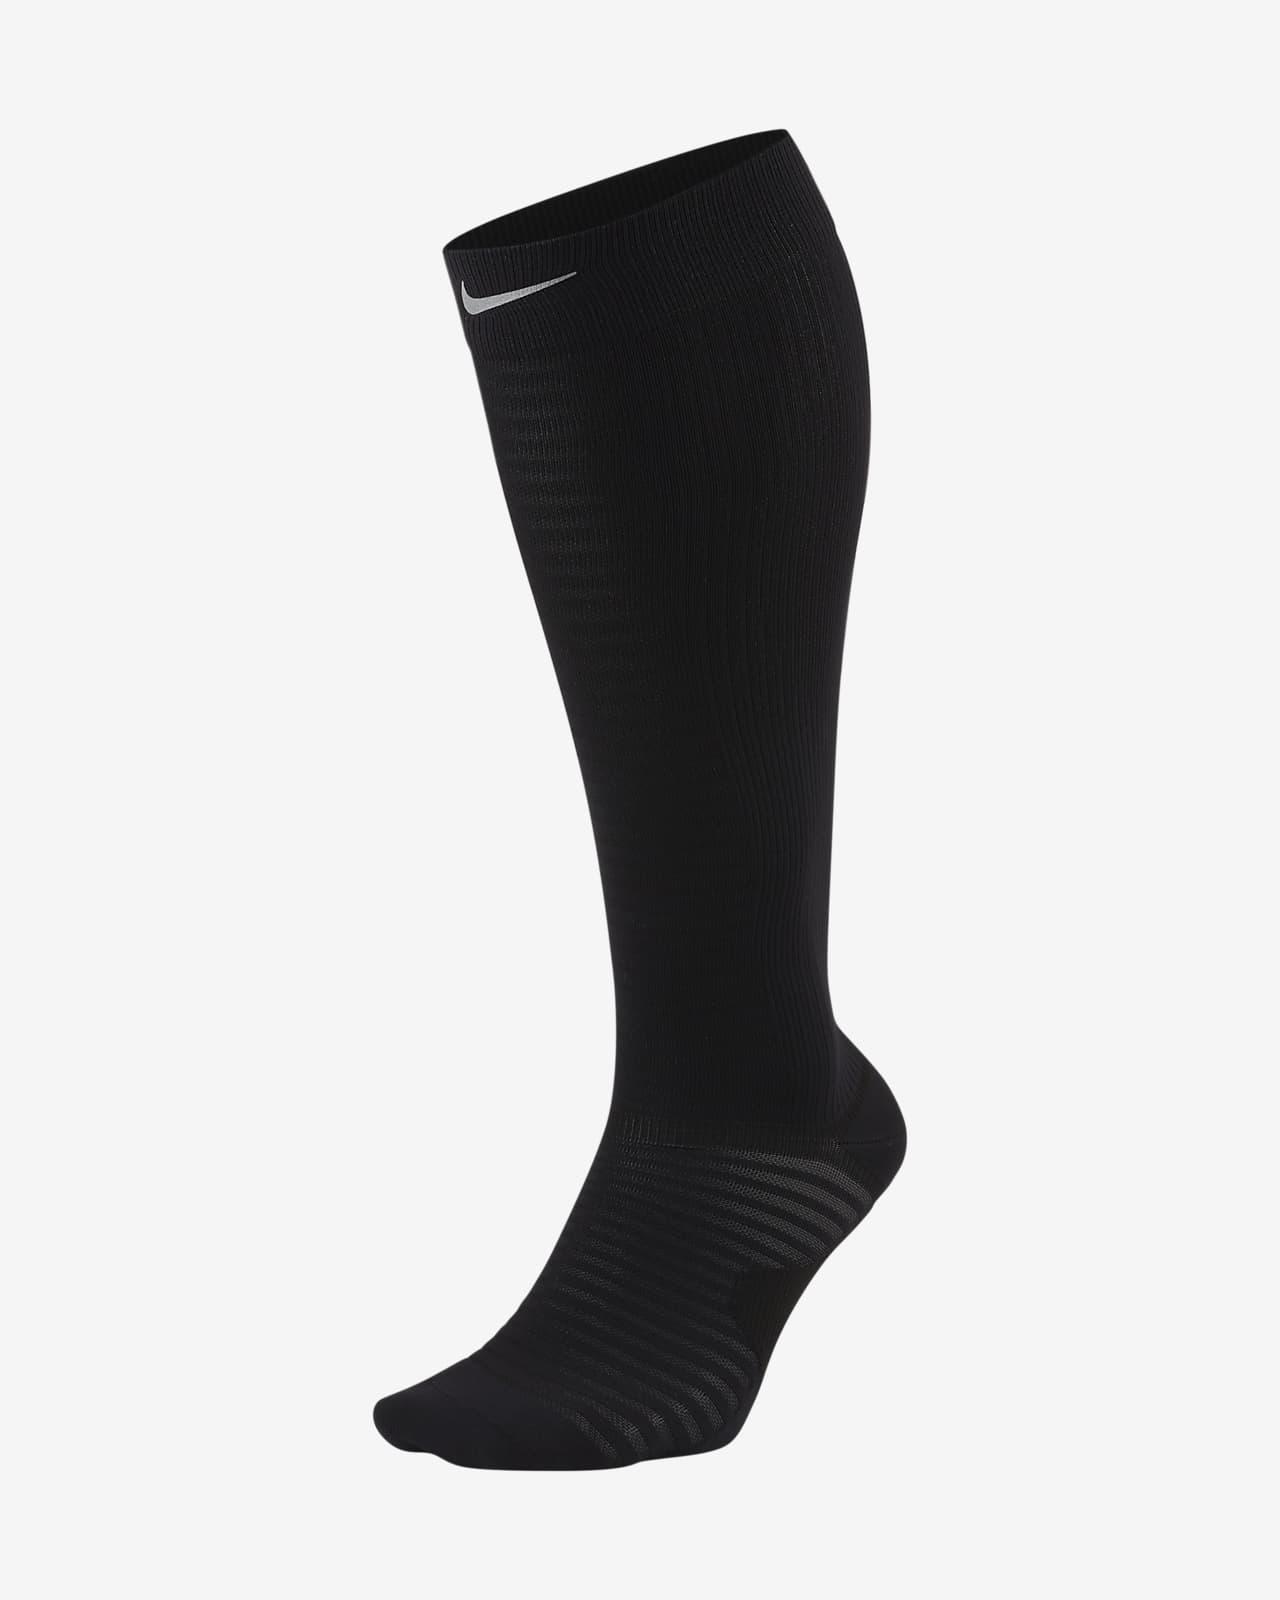 Nike Spark Lightweight Over-The-Calf Basınçlı Koşu Çorapları